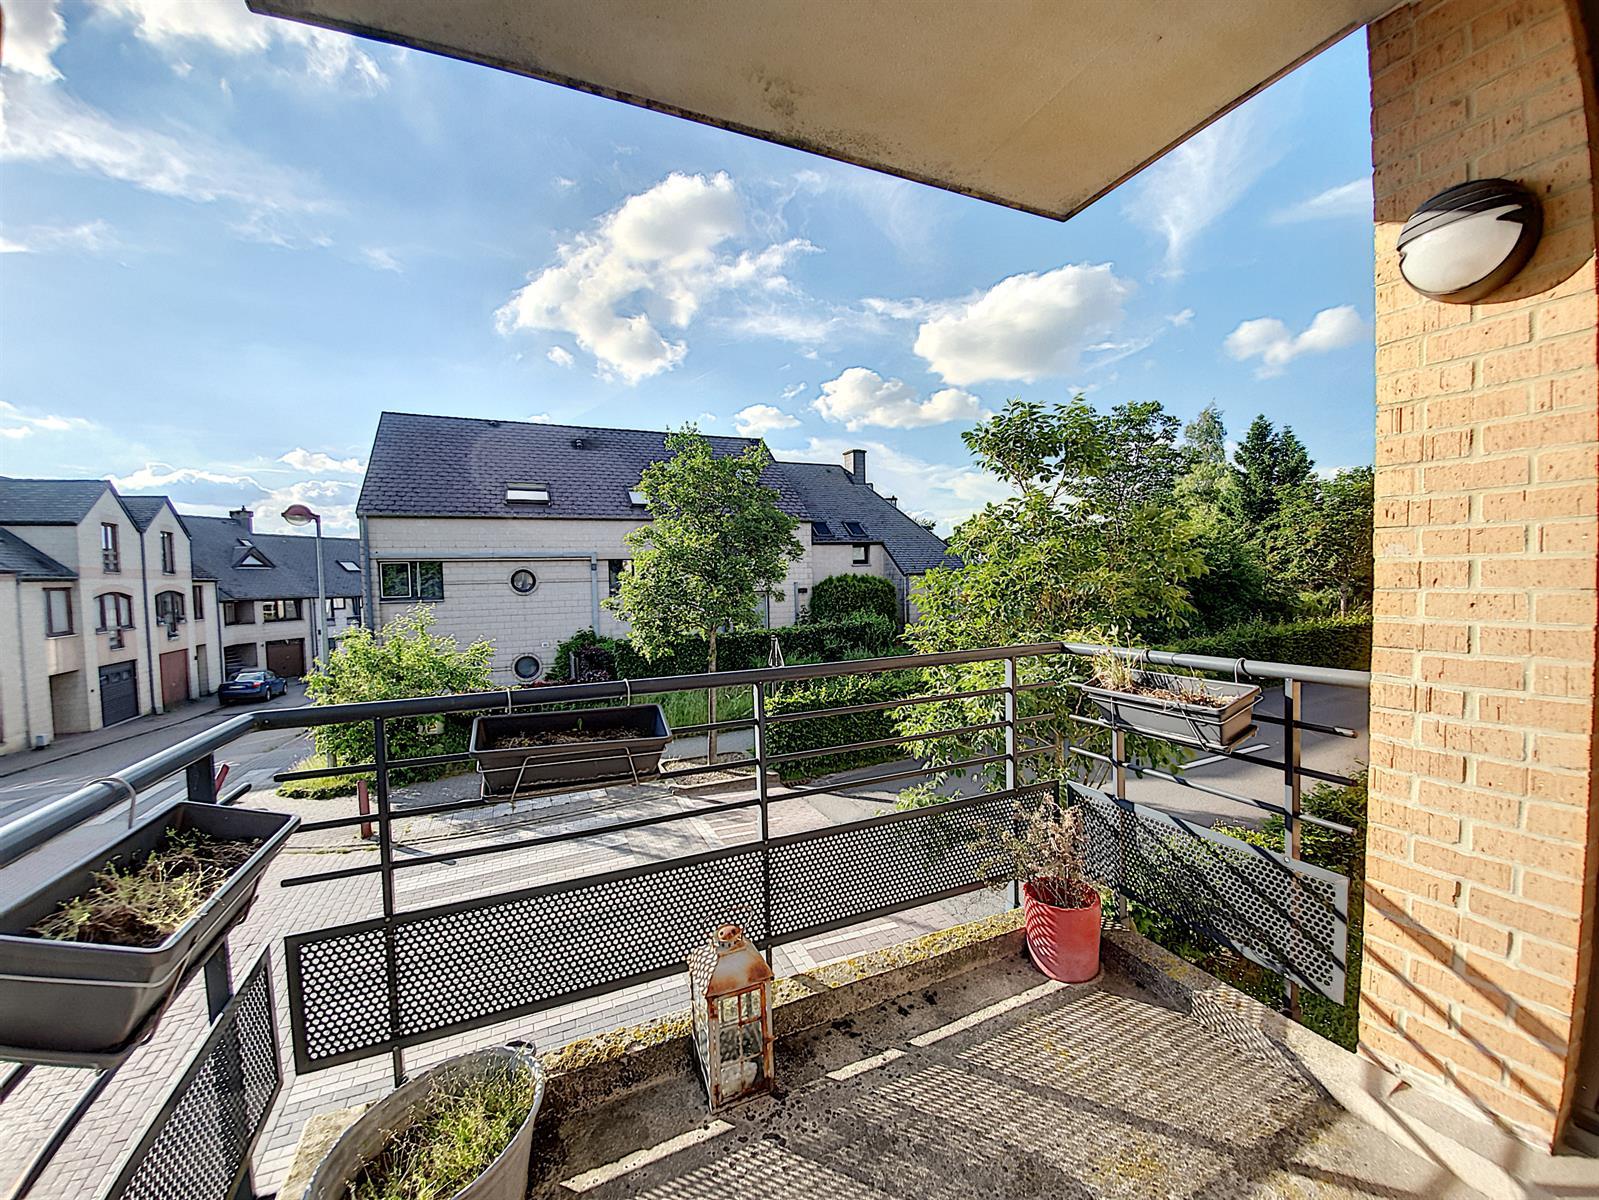 Appartement - Ottignies-Louvain-la-Neuve Louvain-la-Neuve - #4392627-2